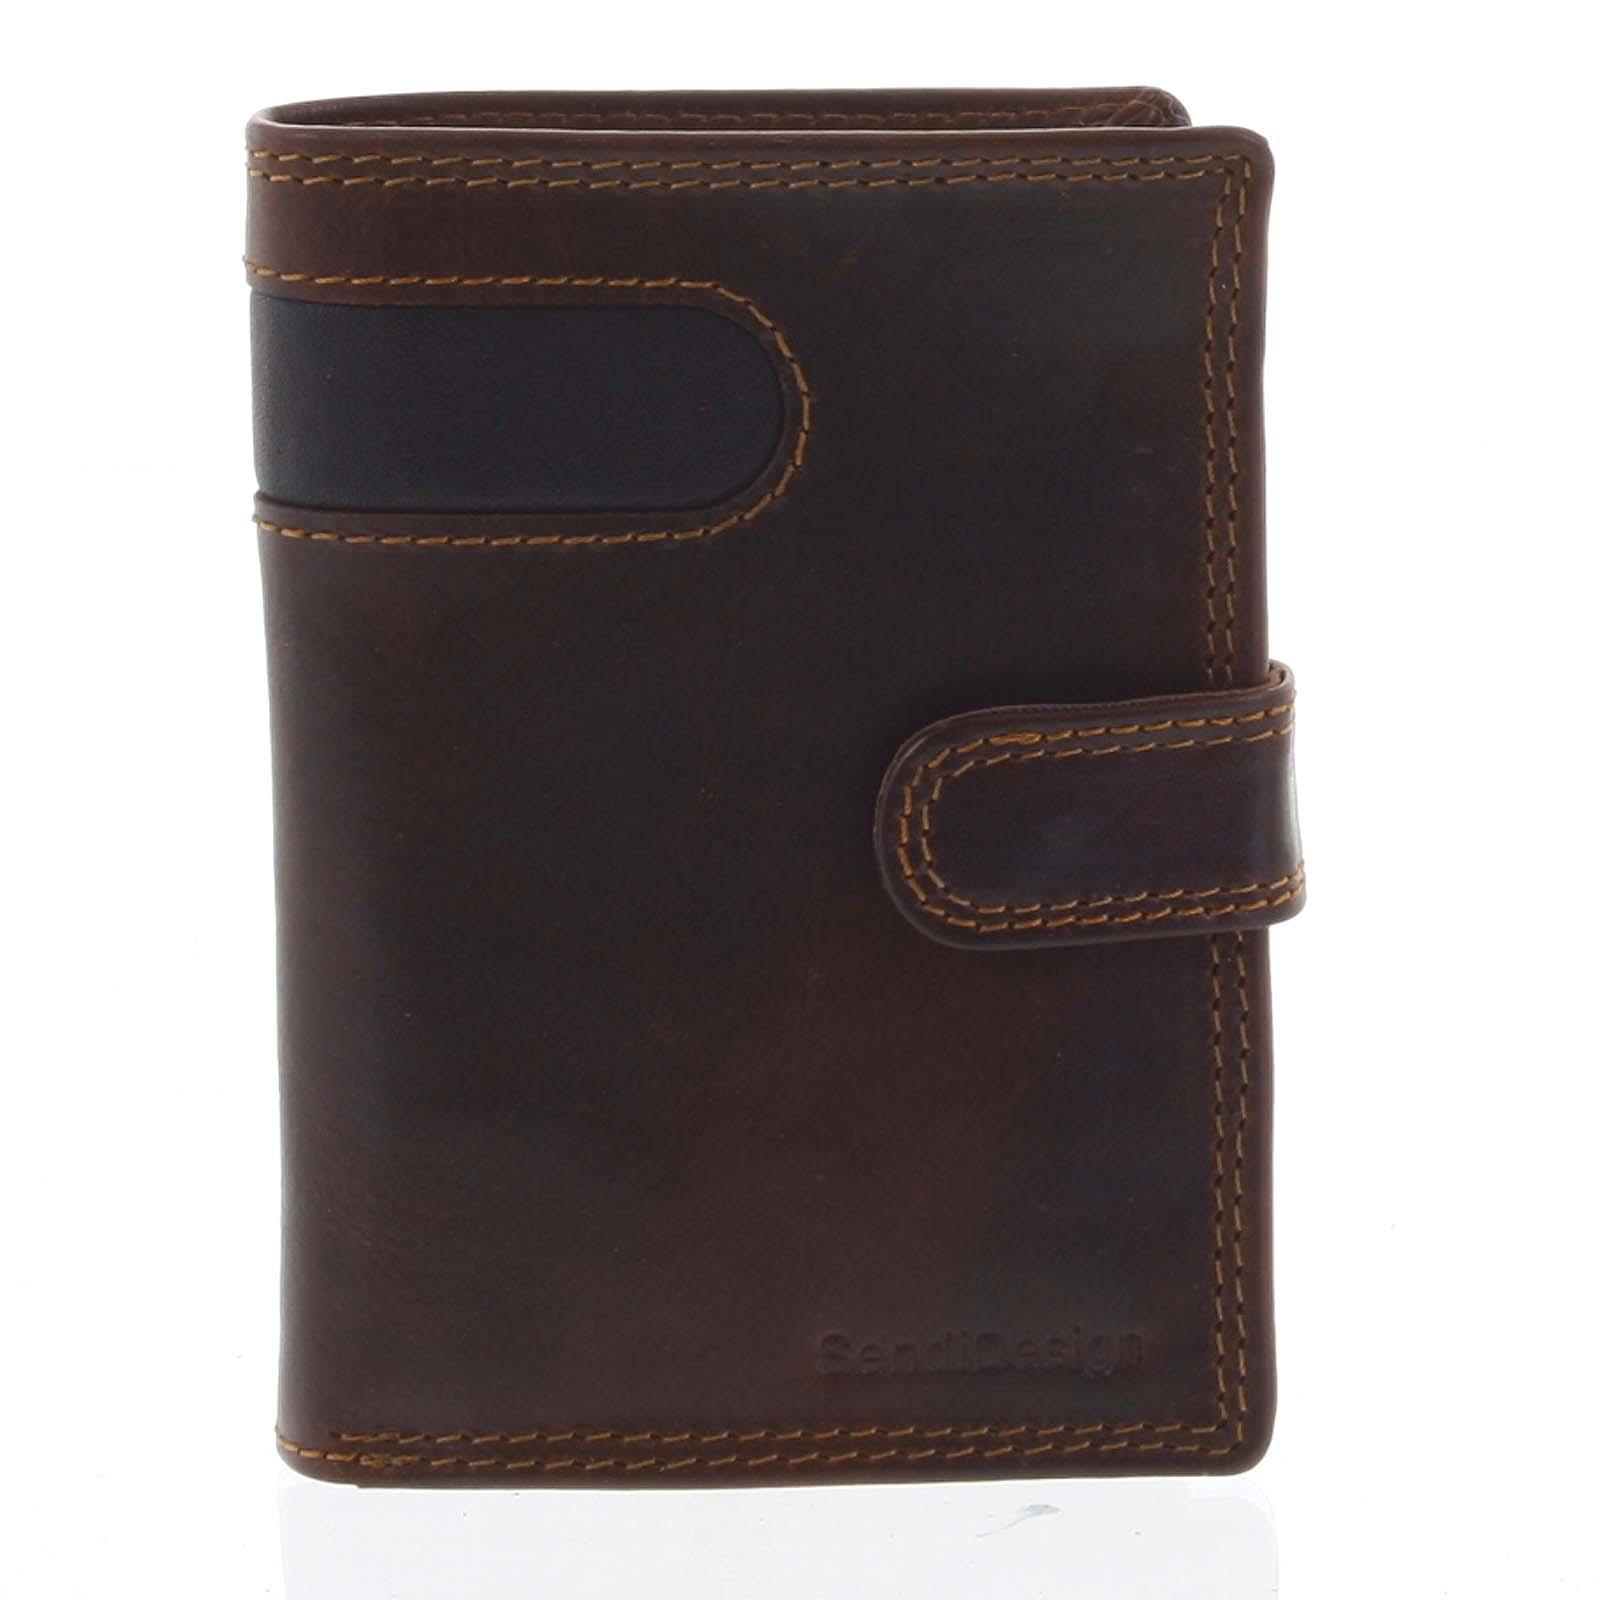 Pánská kožená peněženka hnědá - SendiDesign Elam